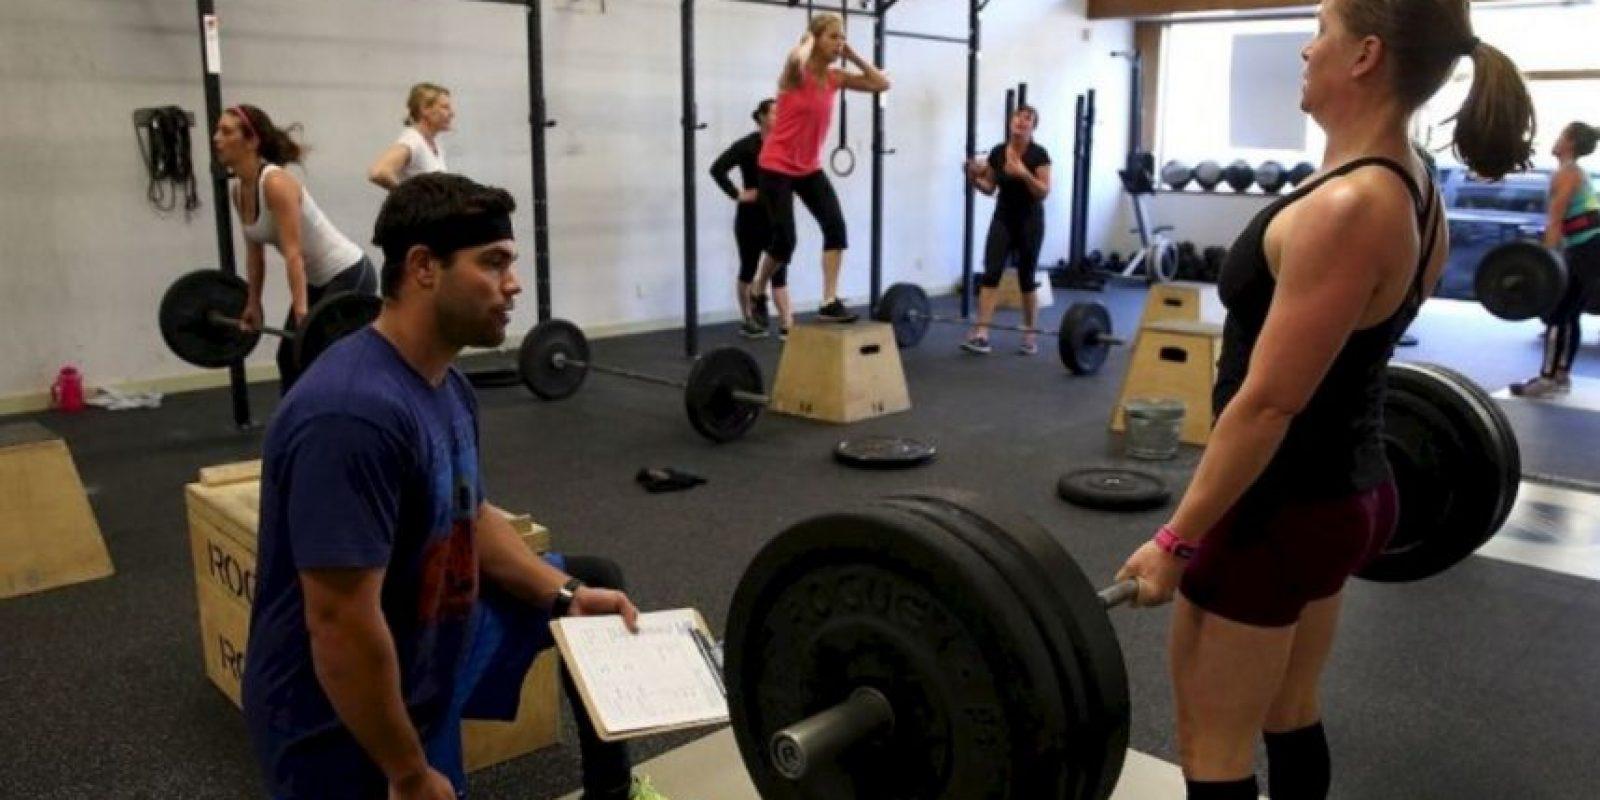 5- Posteen en Facebook si alguien quiere ser su compañero en la actividad física. Si tienen un compañero de trabajo que comparte el objetivo, coordinen un tiempo para ejercitarse juntos. Únanse a un grupo de entrenamiento o creen uno propio. Foto:Getty Images